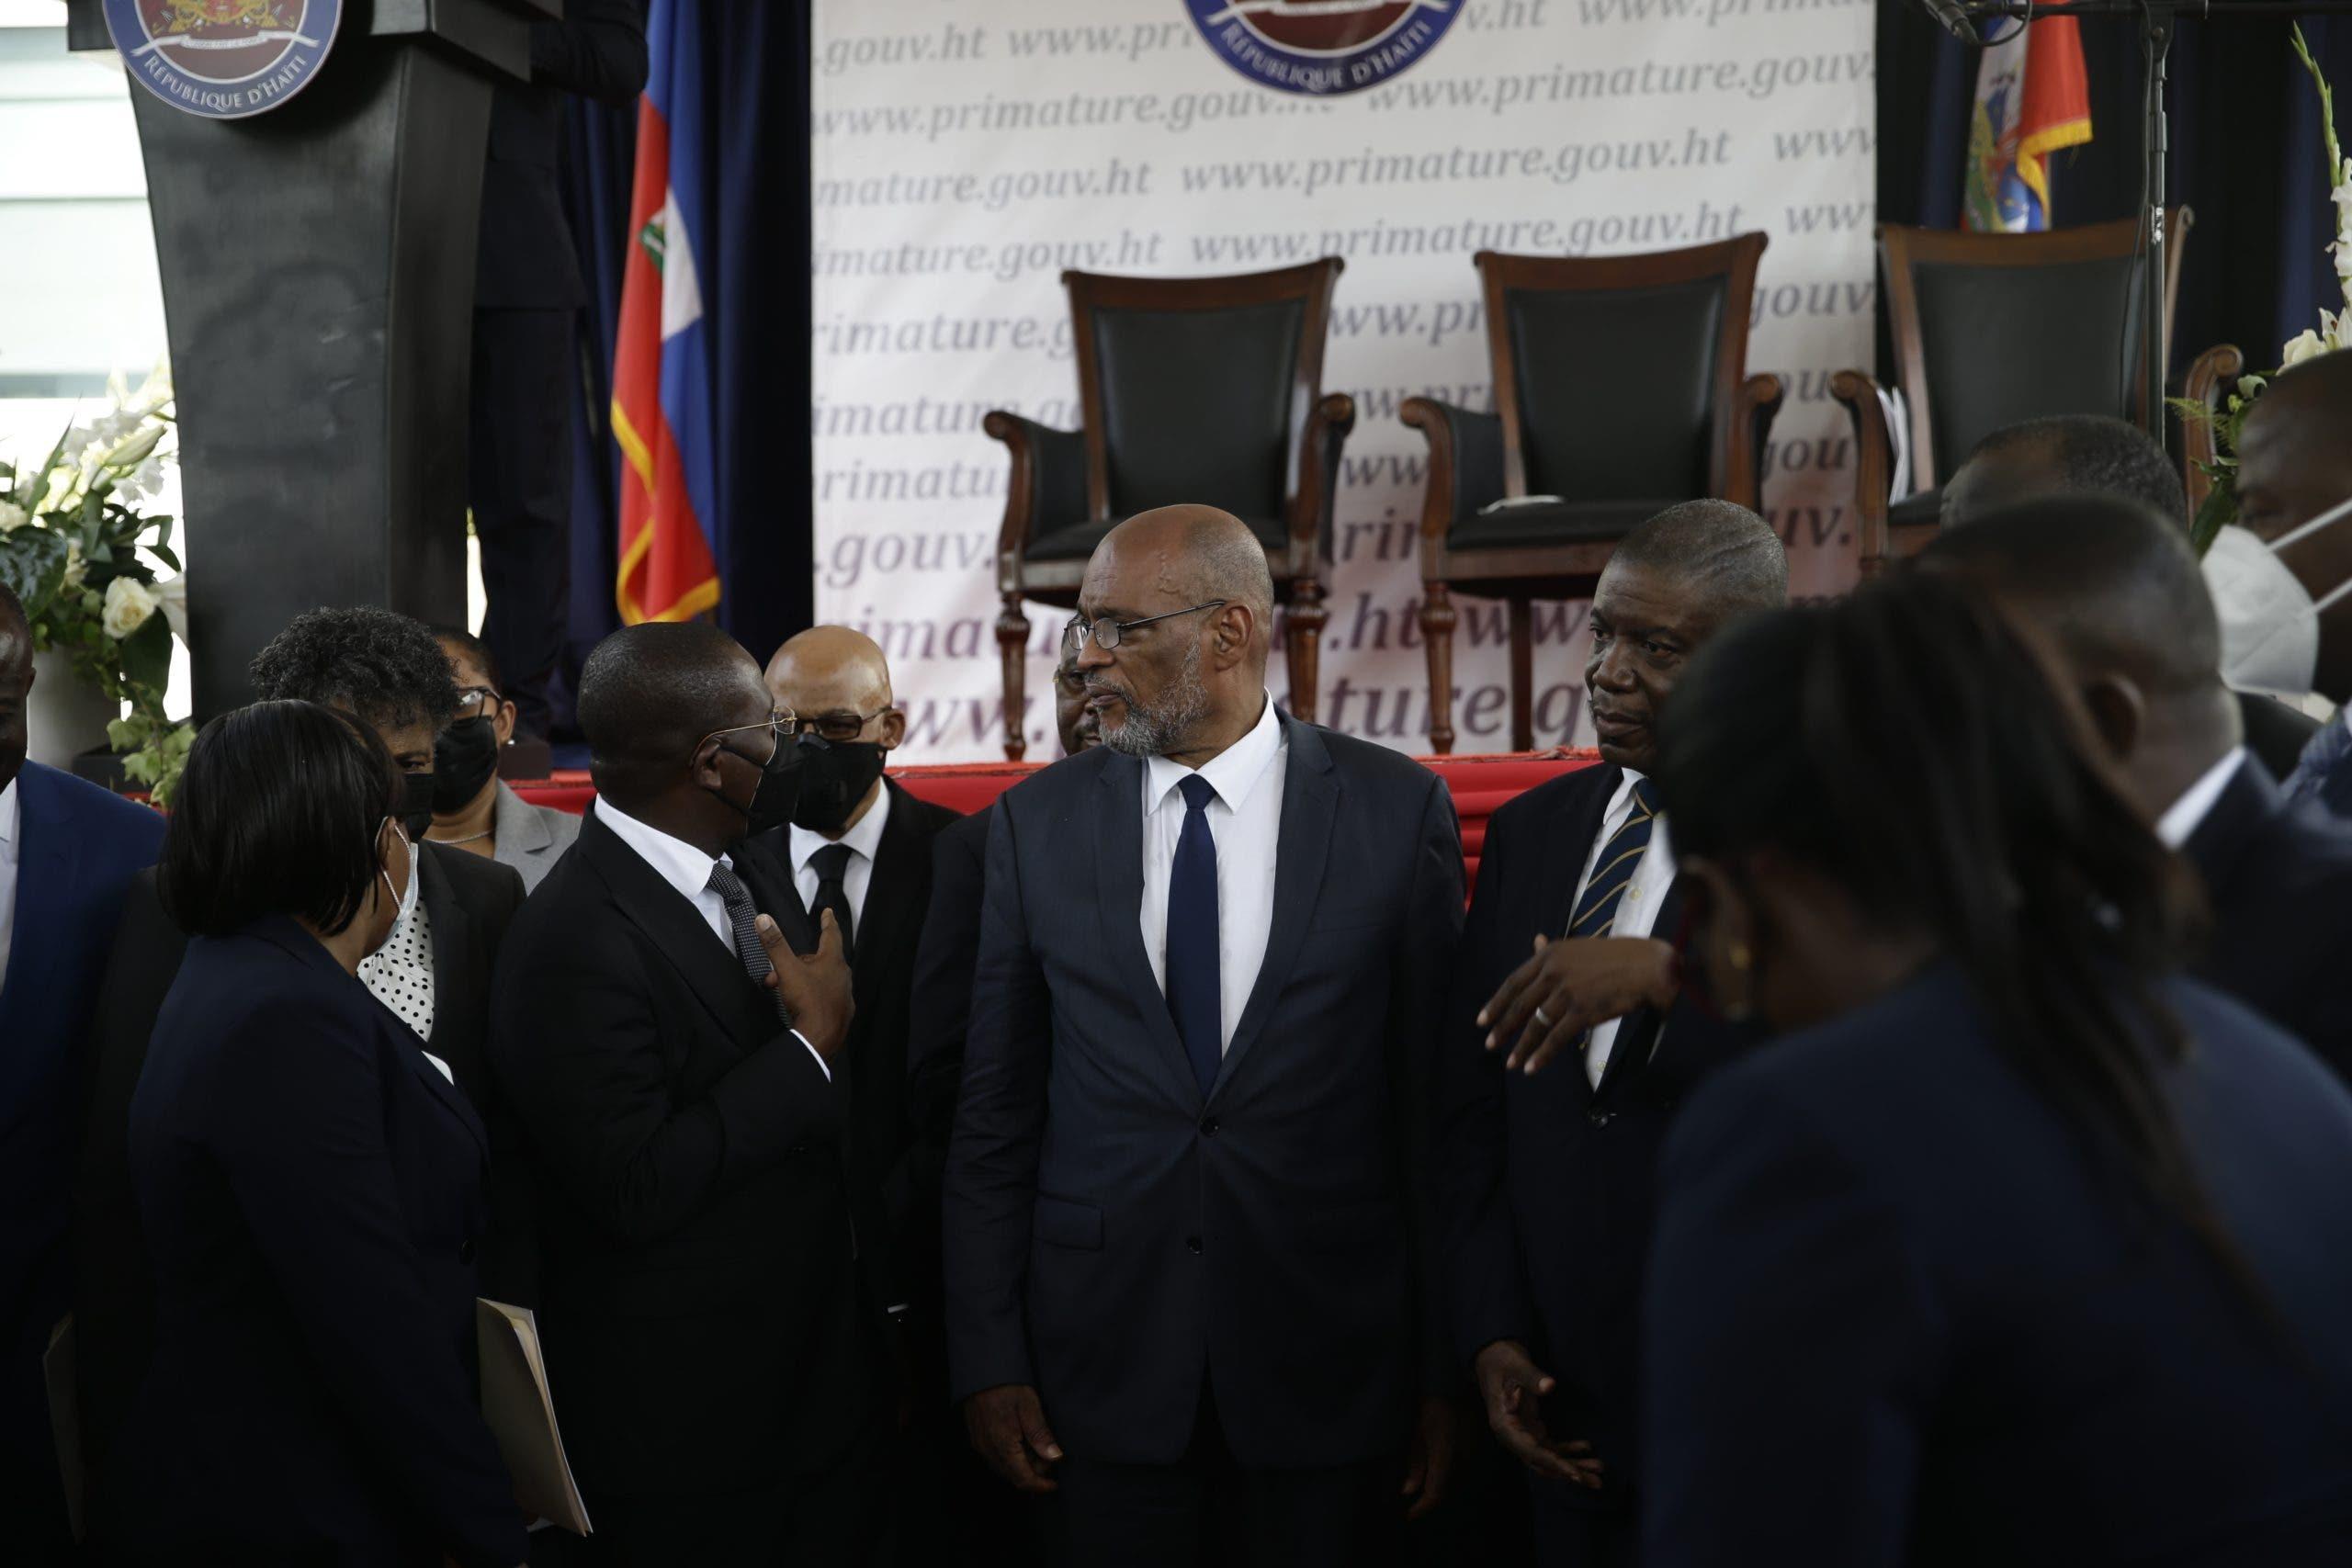 La tensión política aumenta en Haití con ceses y dimisiones de altos cargos